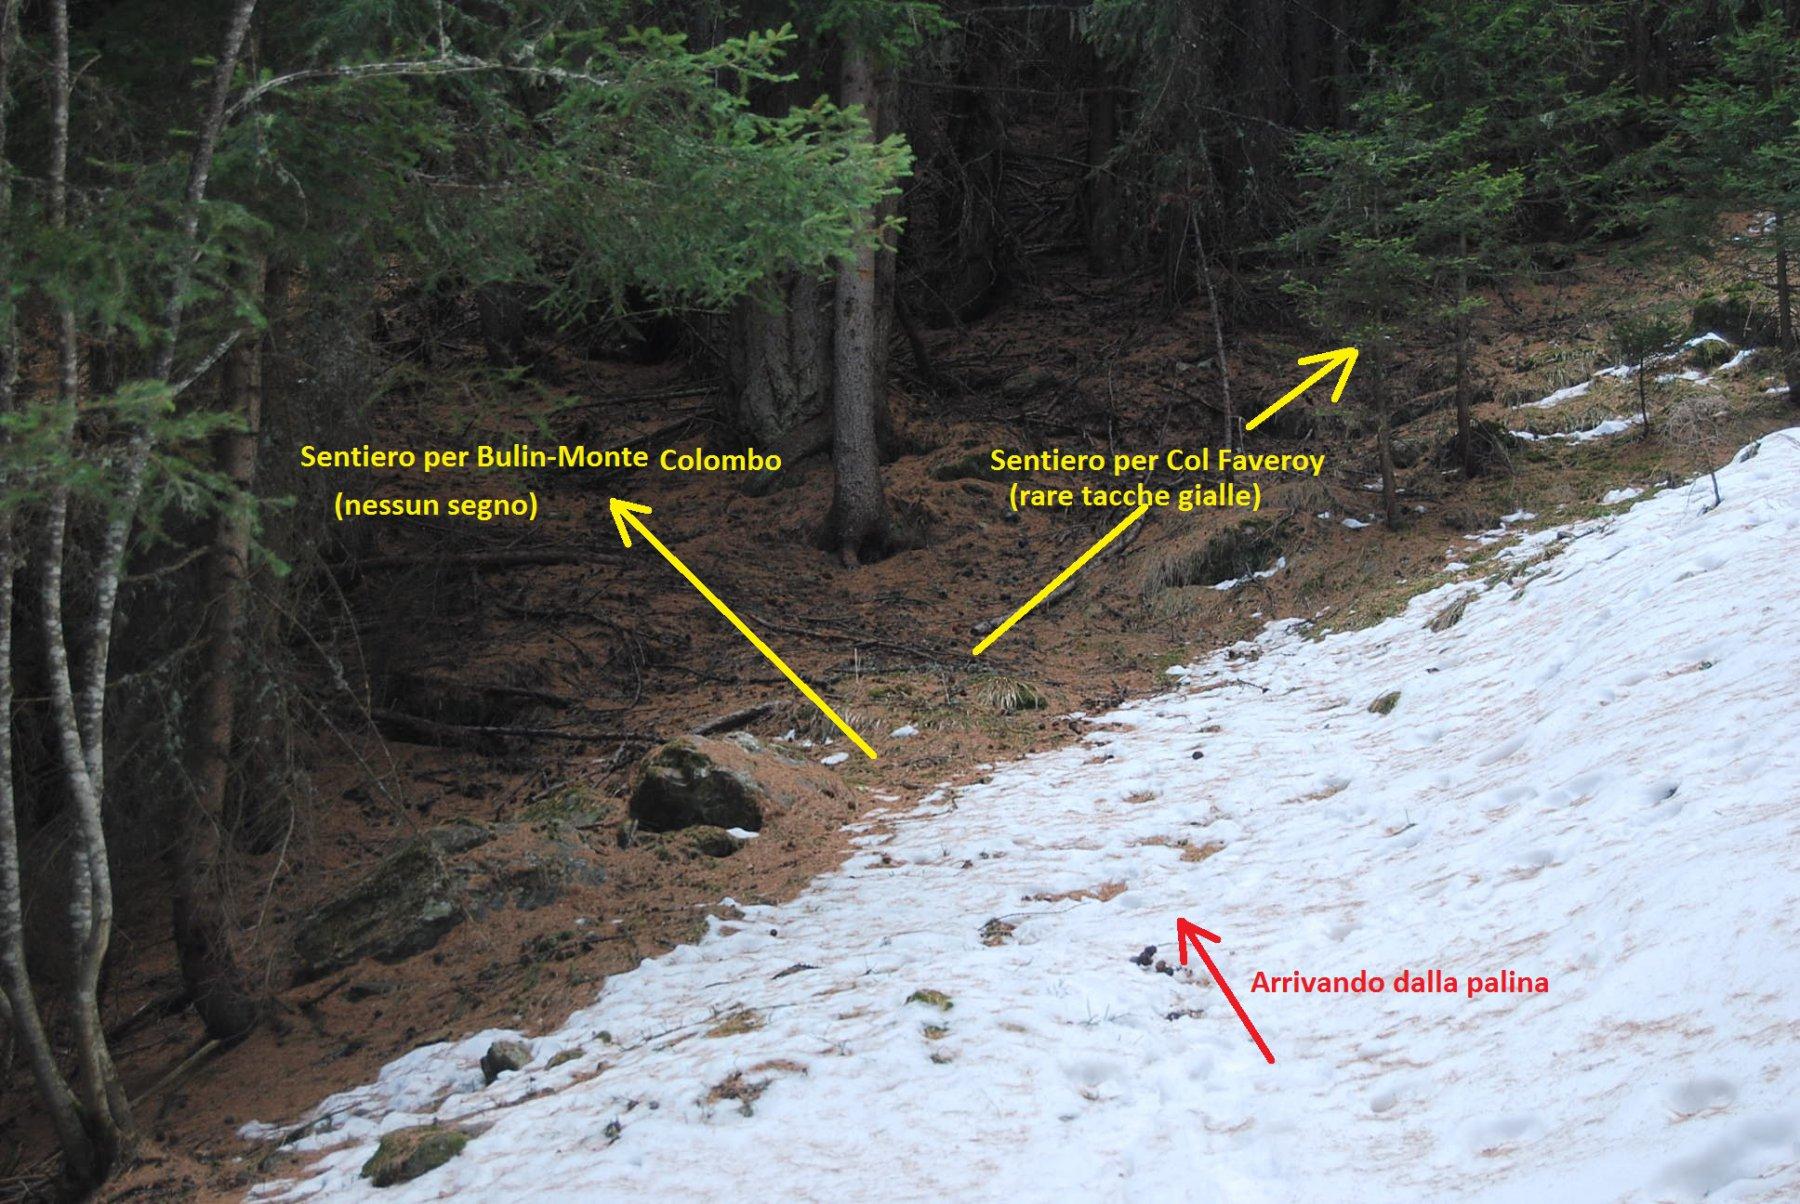 Il bivio appena a valle della palina. Il sentiero per il colle non è evidente e si è portati a proseguire diritto.